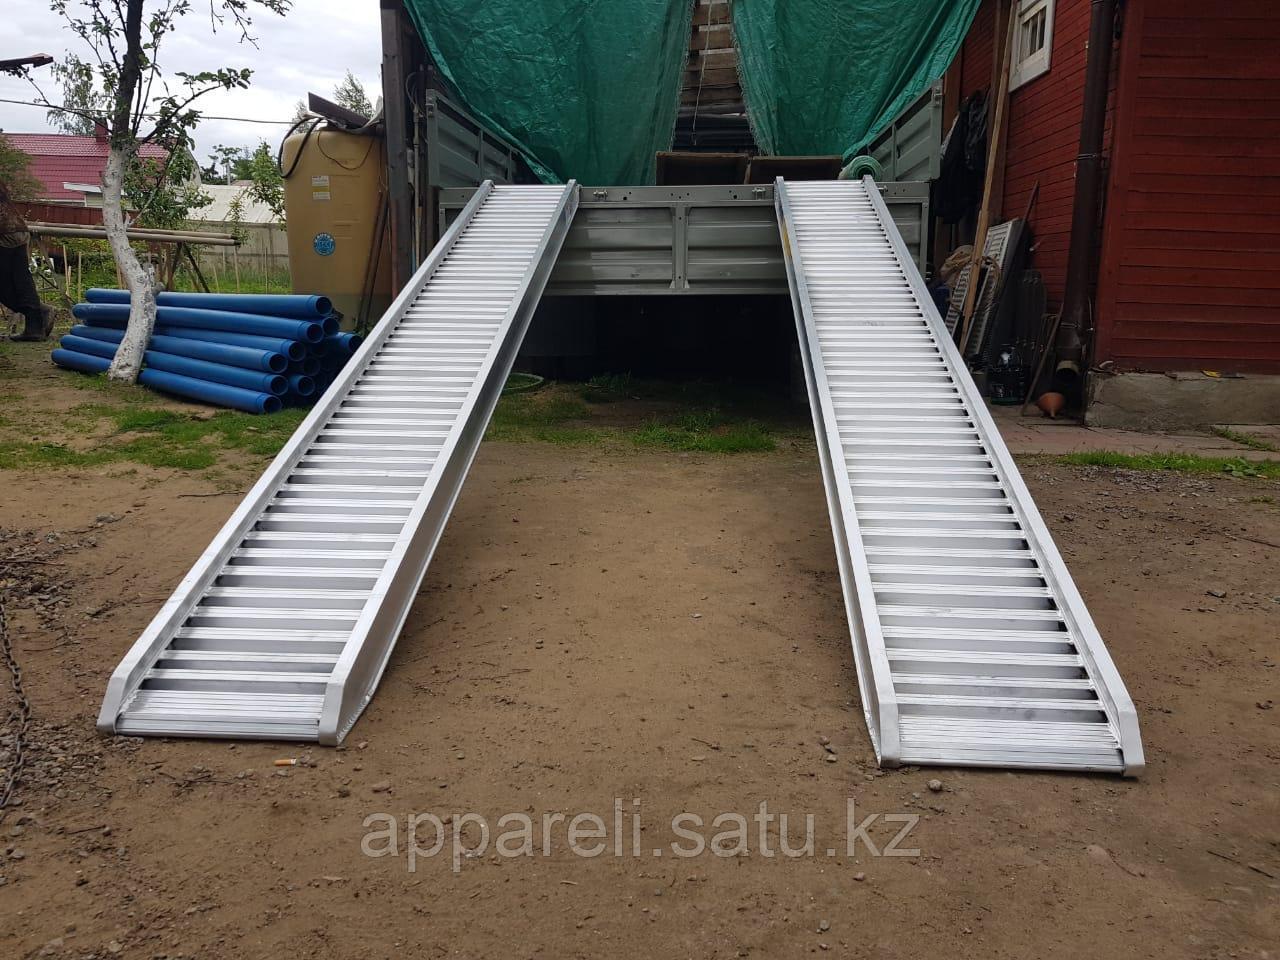 Алюминиевые аппарели 4400 кг, 3,5 метра, 410 мм